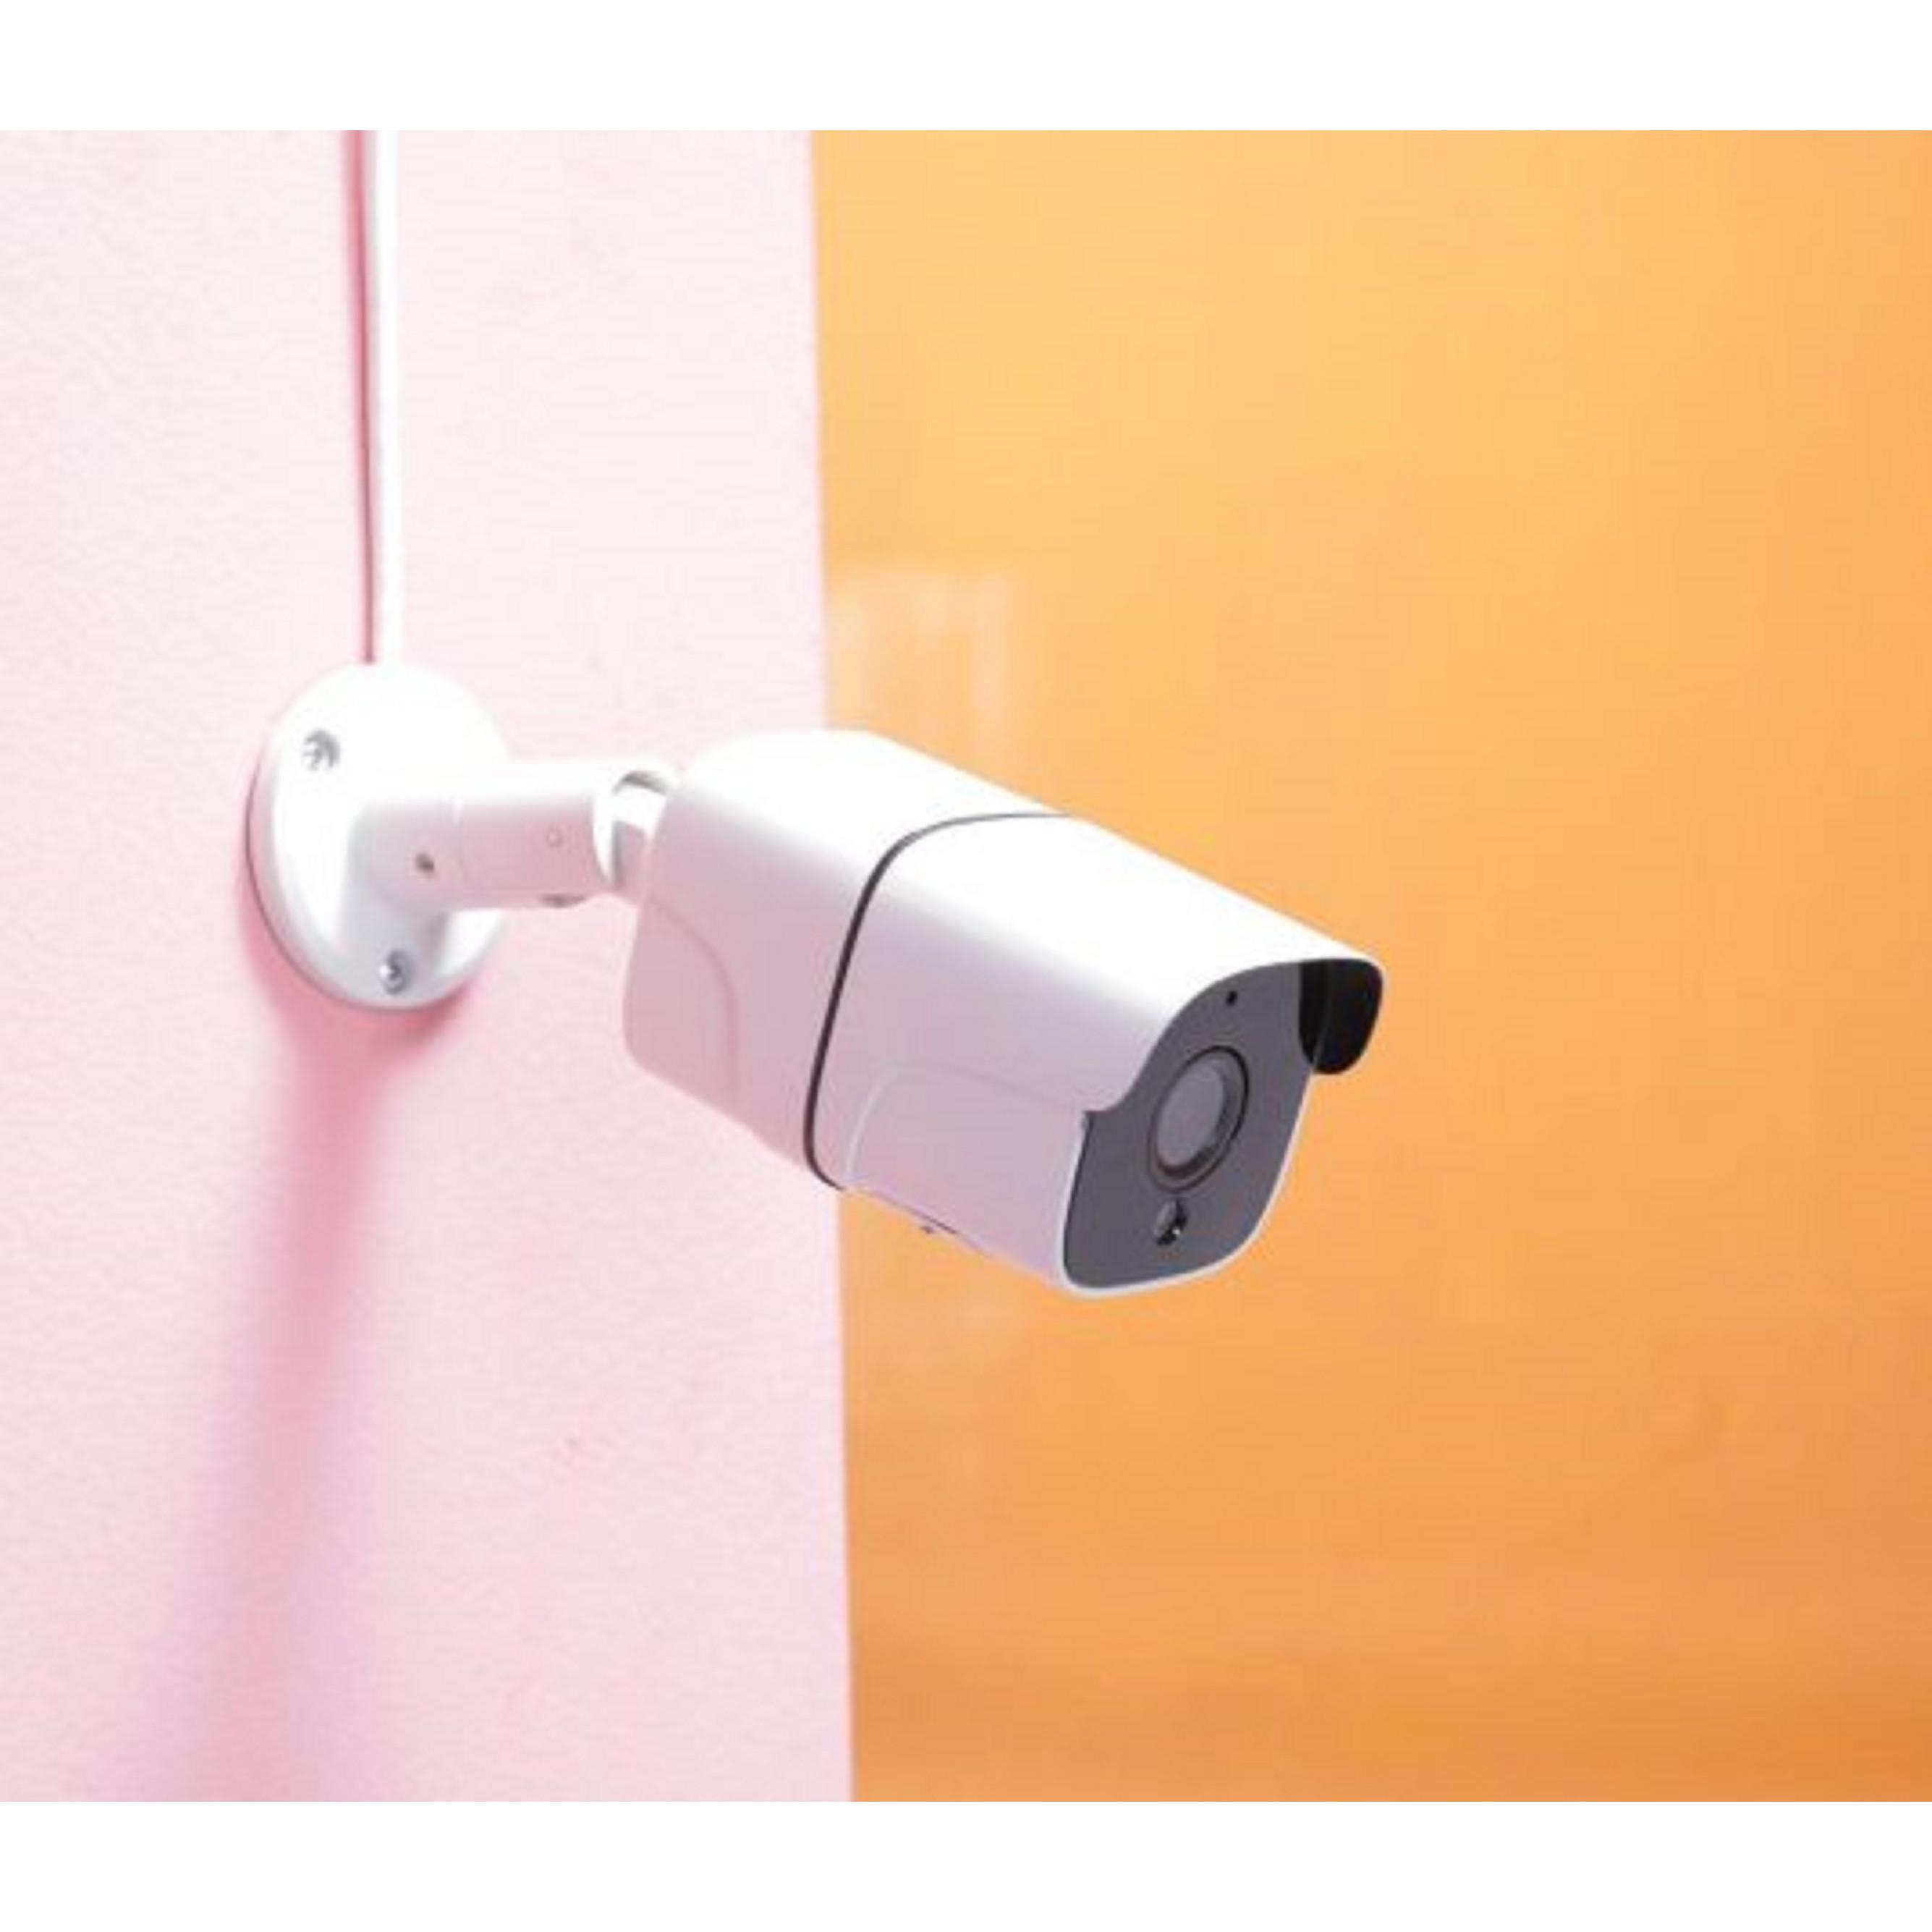 CAMERA FPT NGOÀI TRỜI - Full HD - 1080p - Cảm biến hình ảnh 1/2.8″ Sony IMX307 - Ống kính 2.8mm, cho góc nhìn 55o